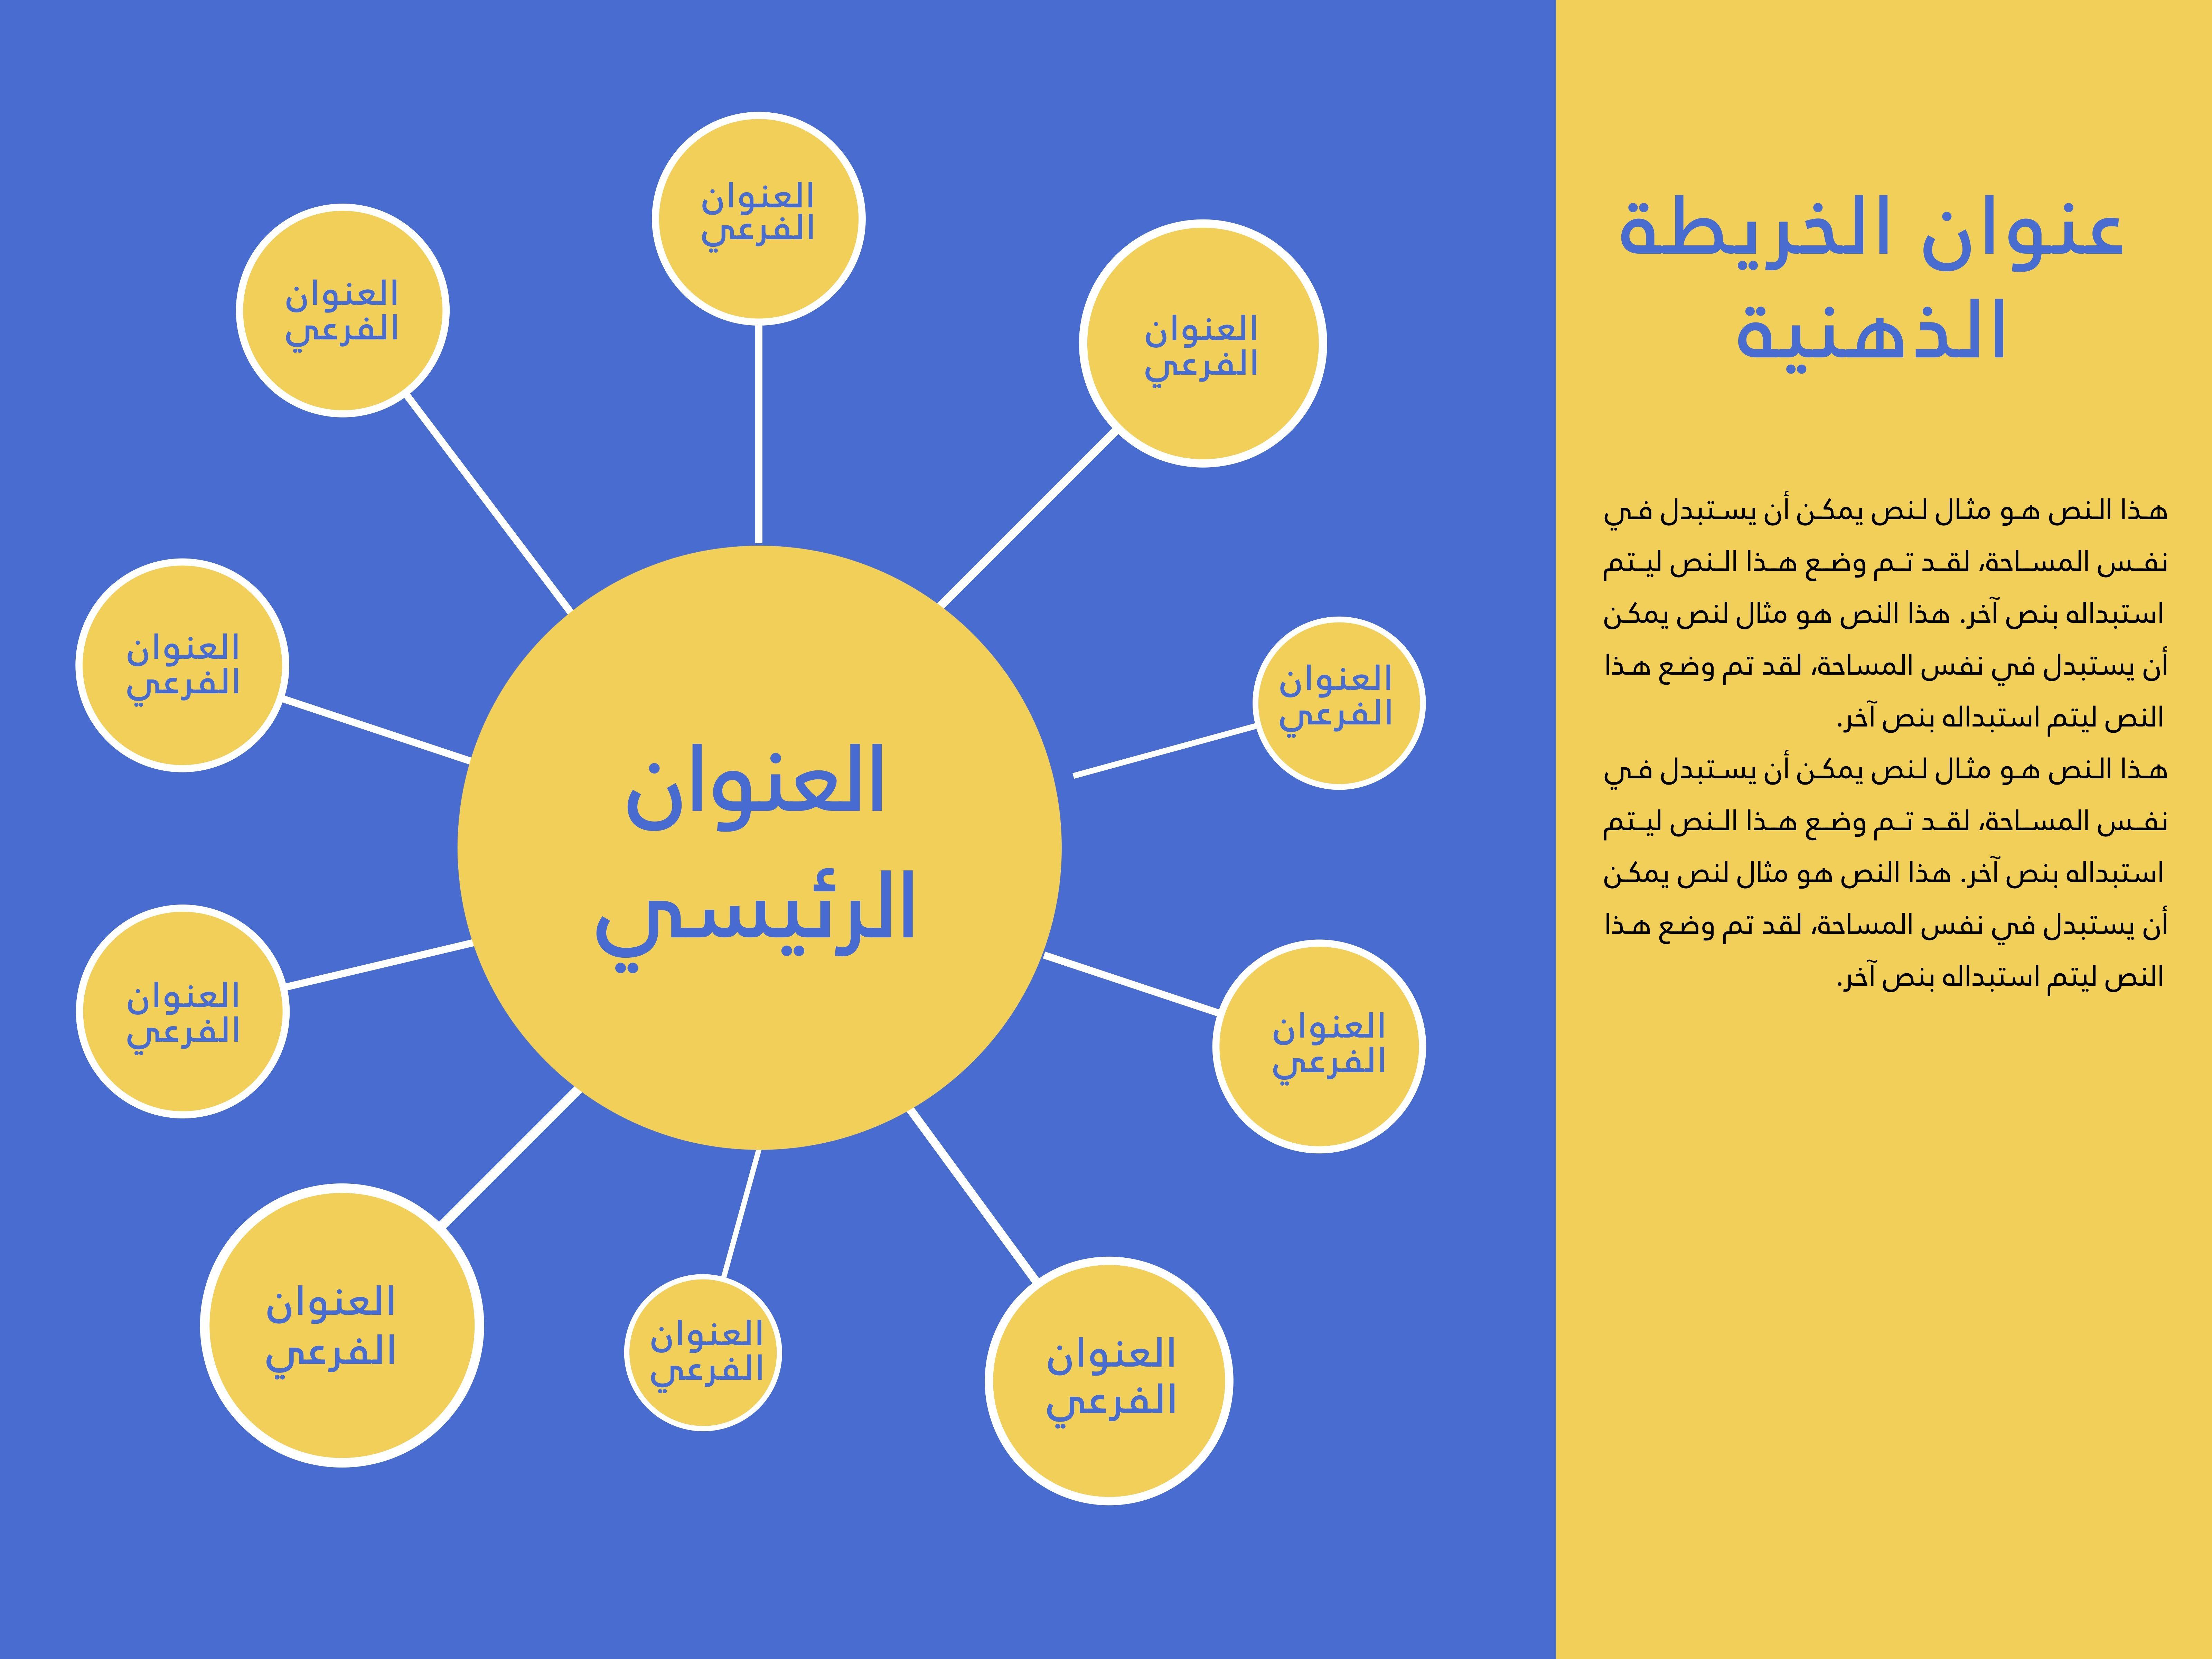 قالب خريطة ذهنية عربي على شكل شمس اخترافي In 2021 Pie Chart Baby Education Chart